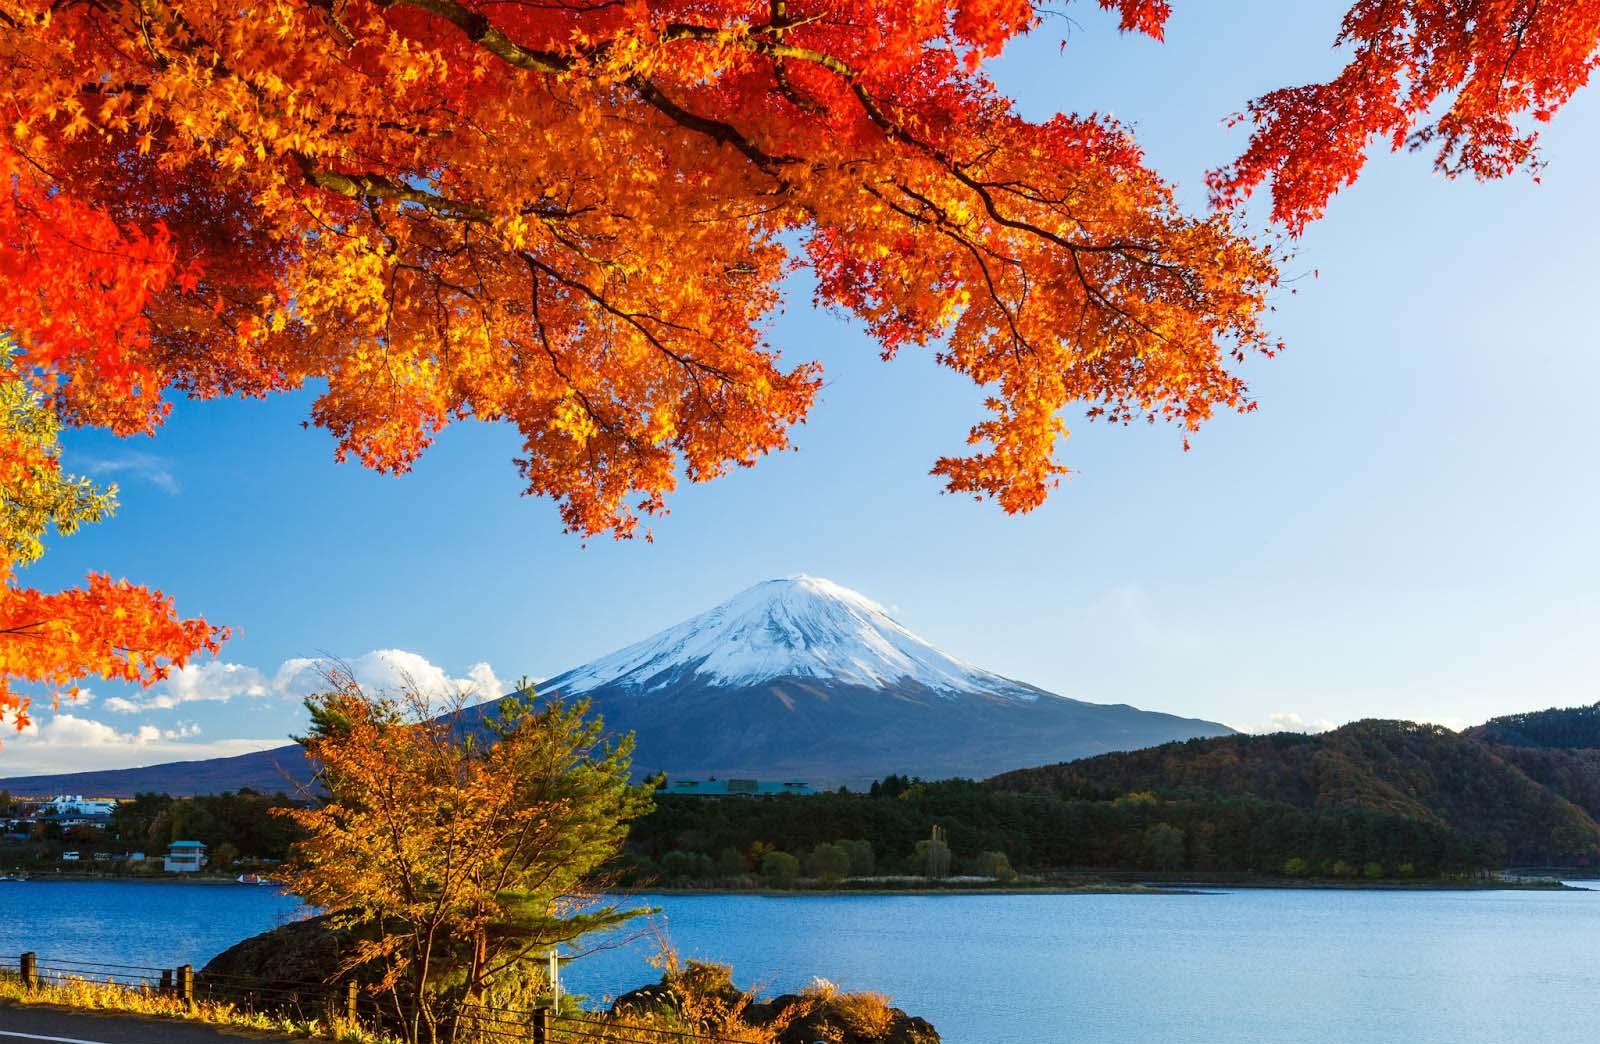 Những ảnh đẹp nhất về mùa thu